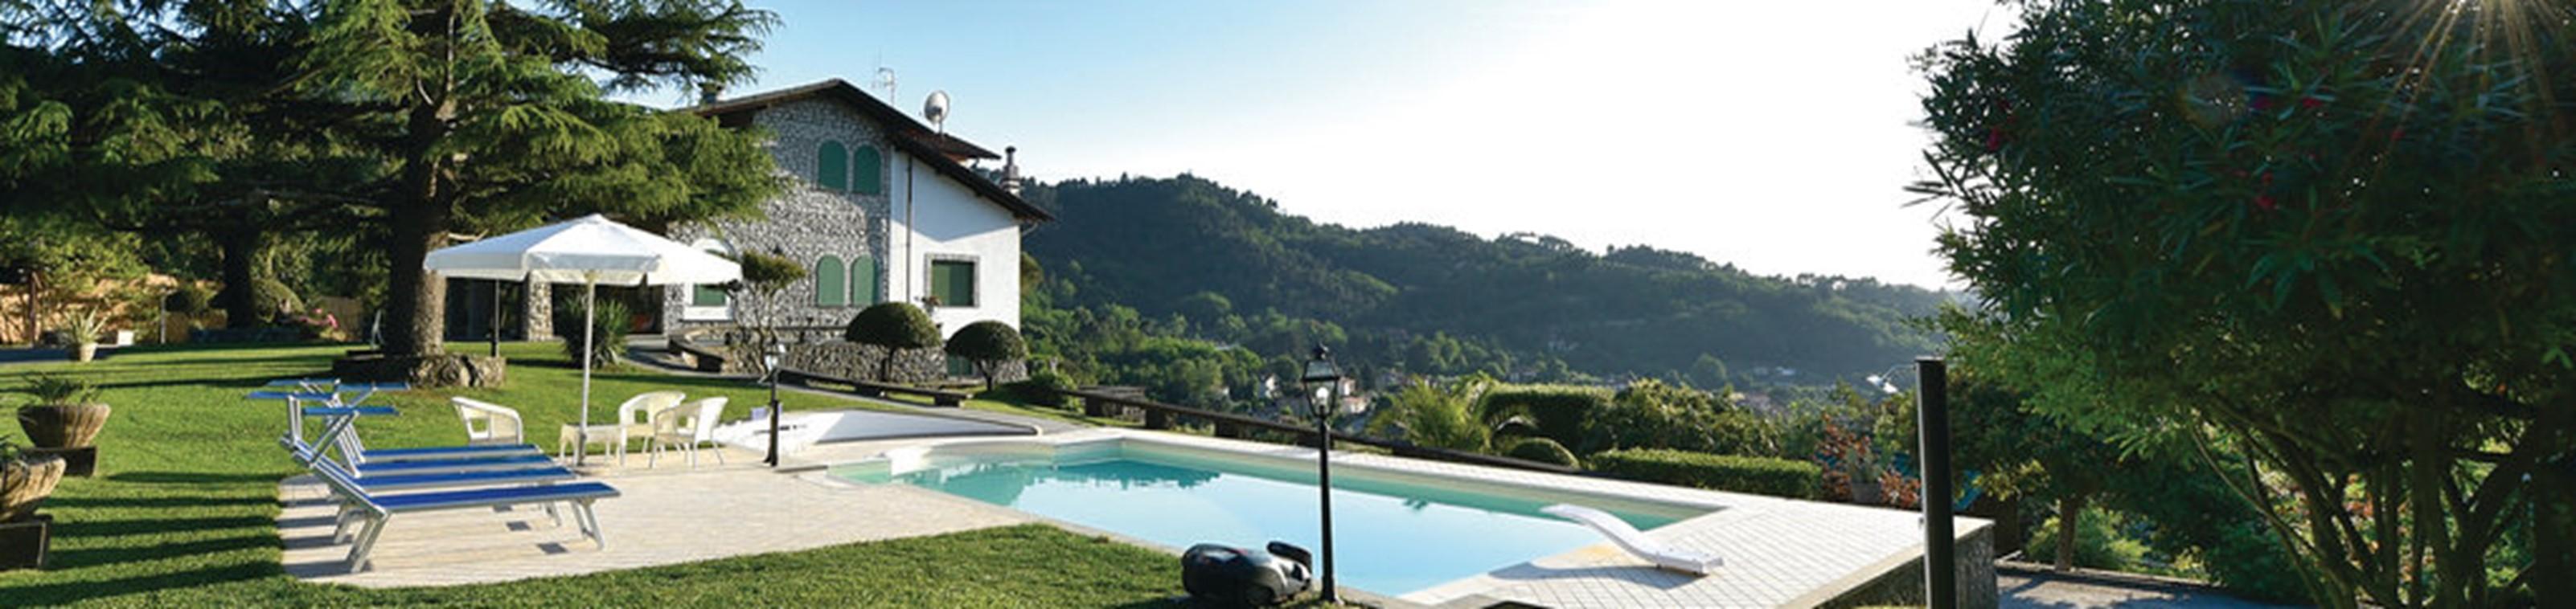 Vakantiehuis Toscane met zicht op groene vallei (8 personen)